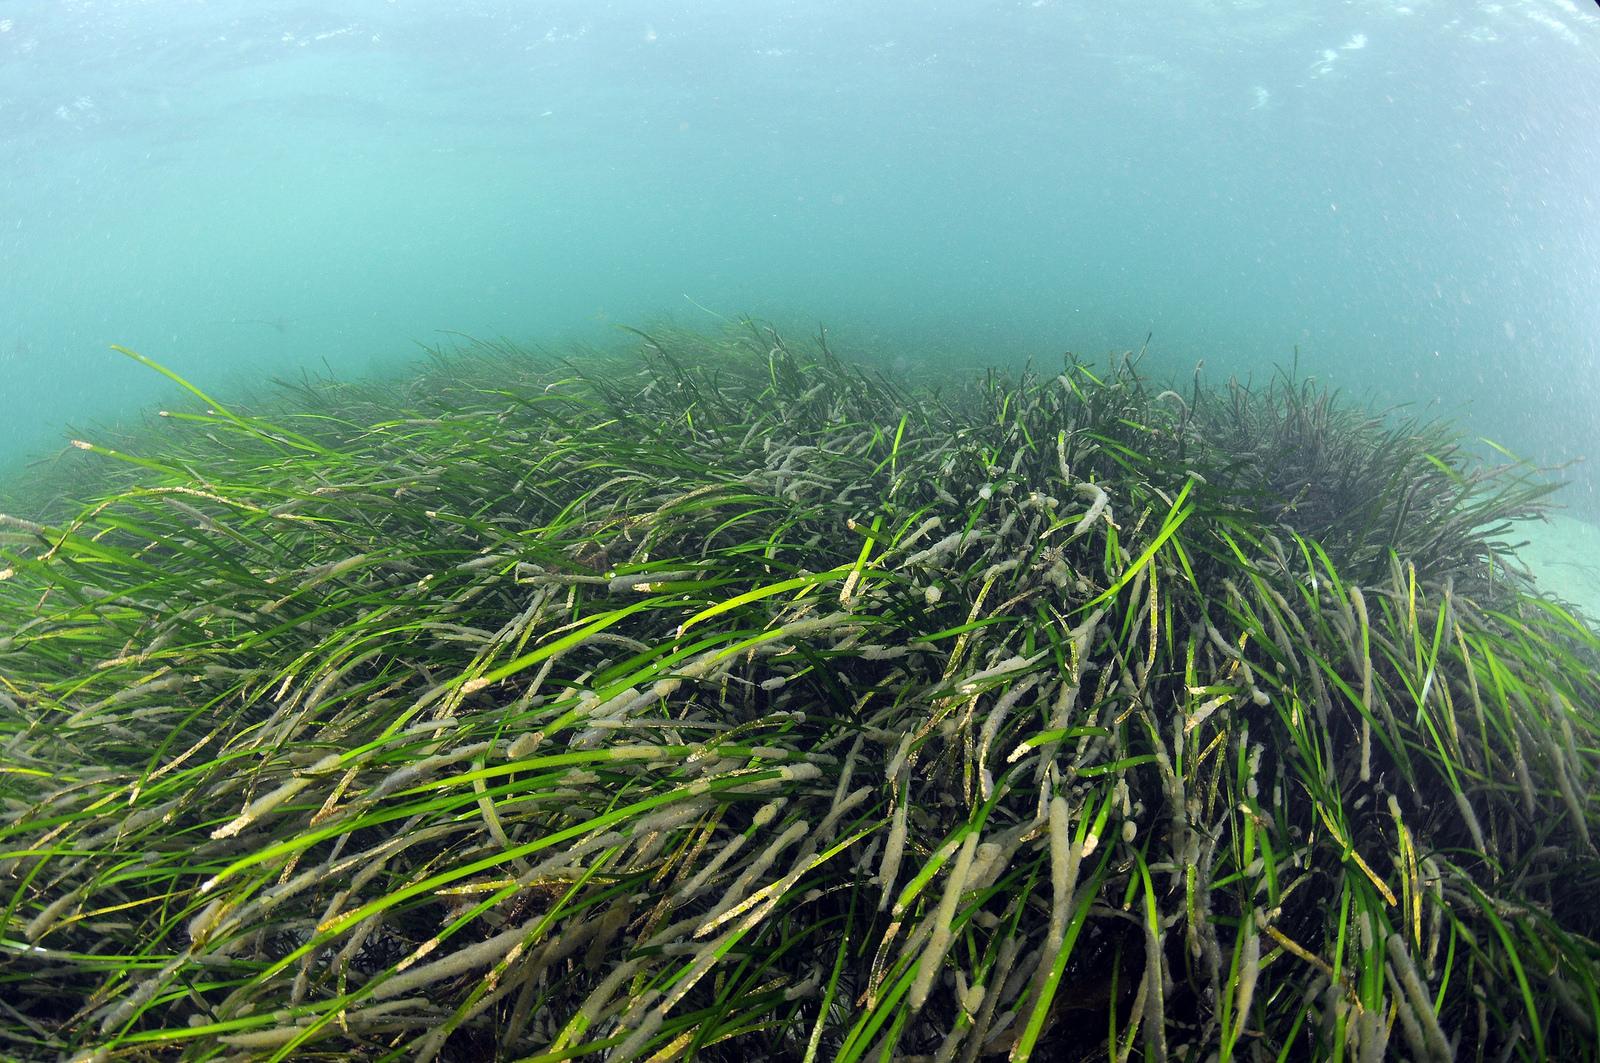 Dwarf Eelgrass - Zostera japonica 19